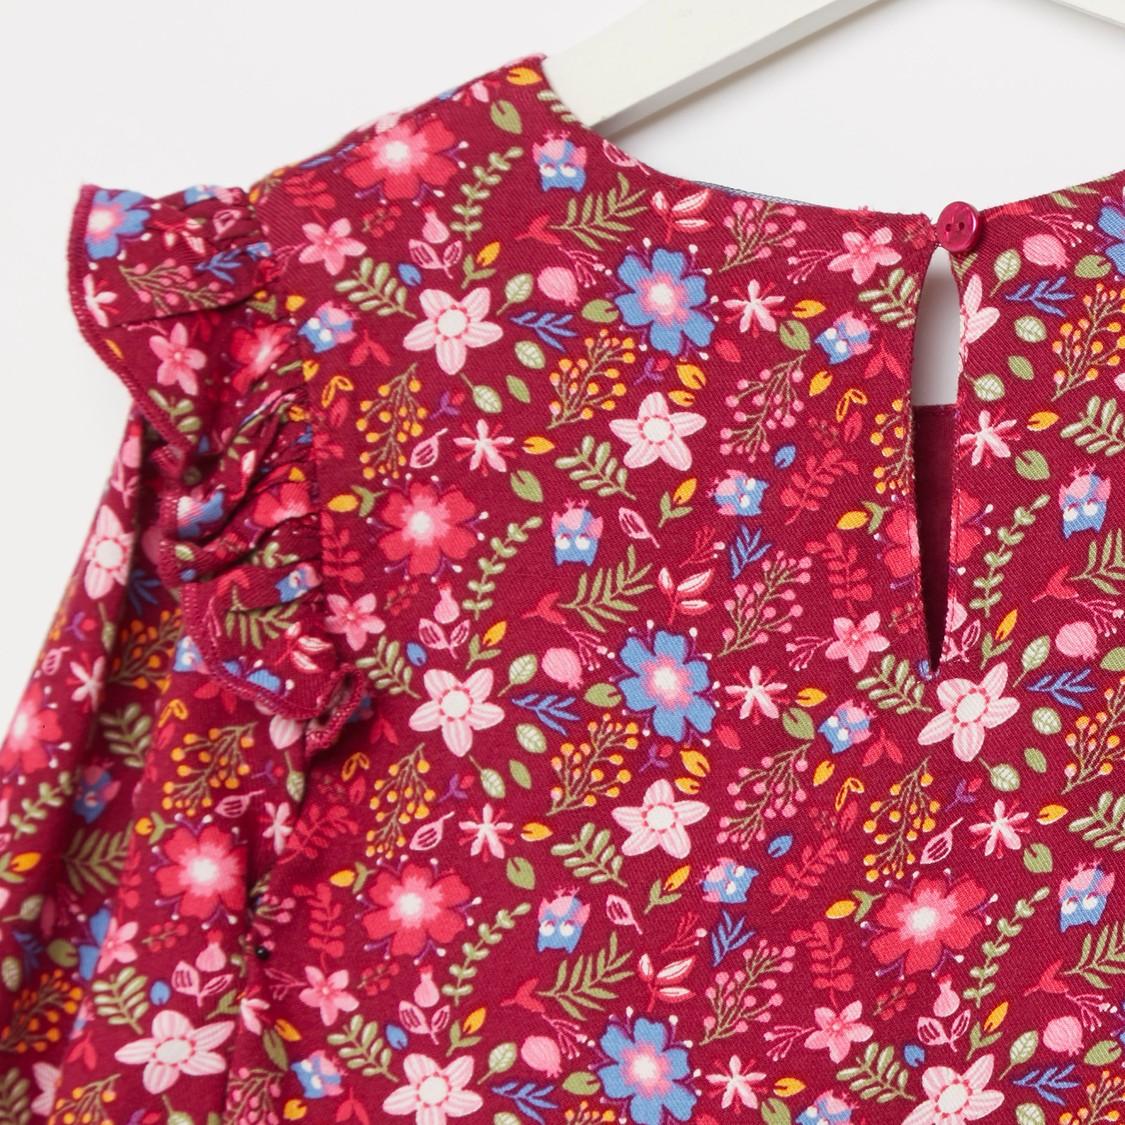 فستان ميدي بأكمام طويلة وتفاصيل كشكش مع طبعات أزهار بالكامل